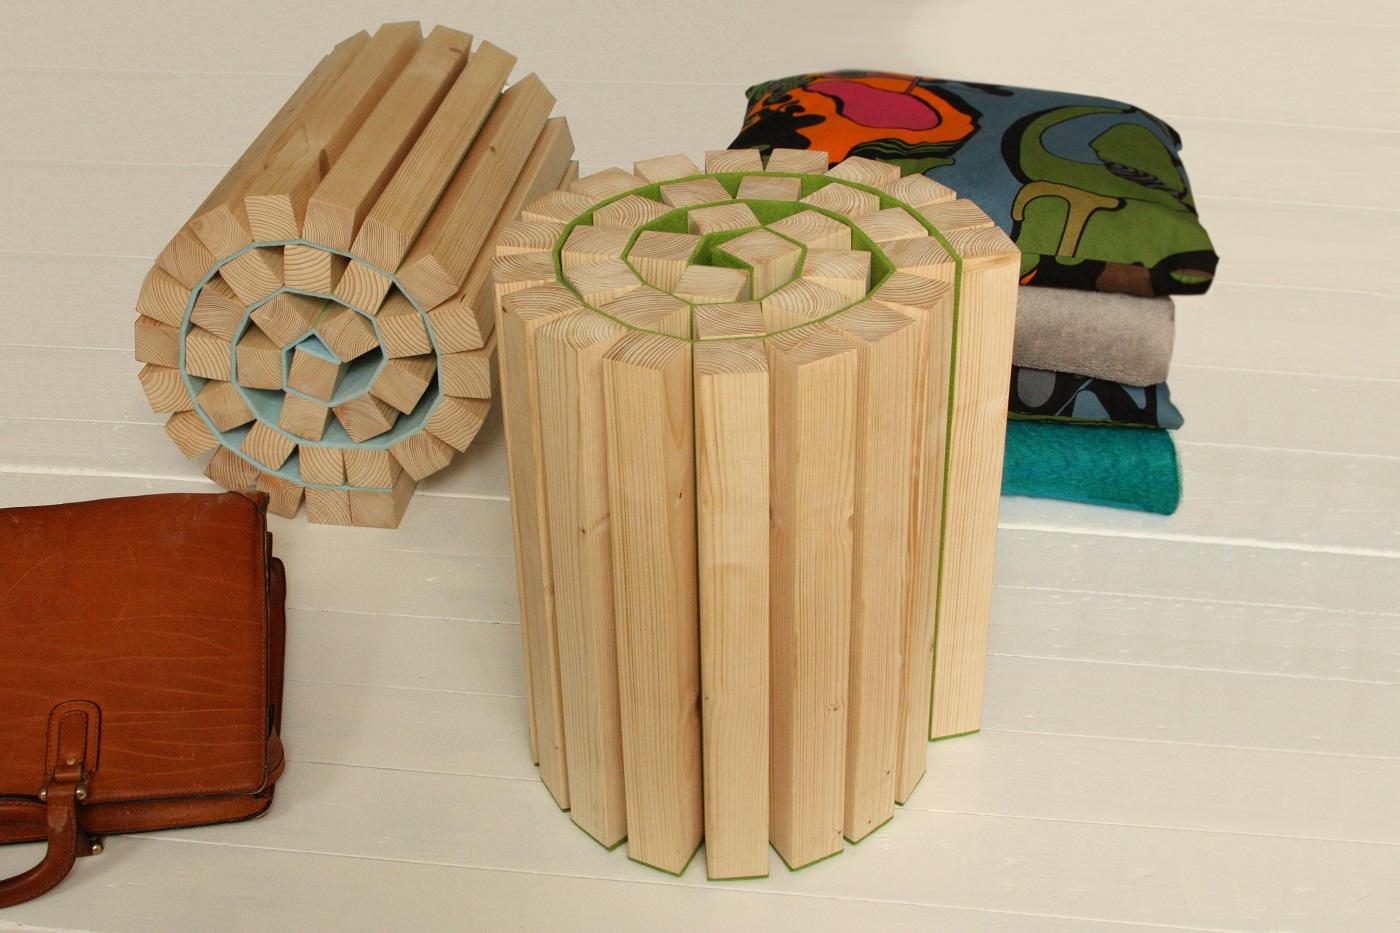 Krukje Taboeretka van Kuiken Design van vurenhout en vilt